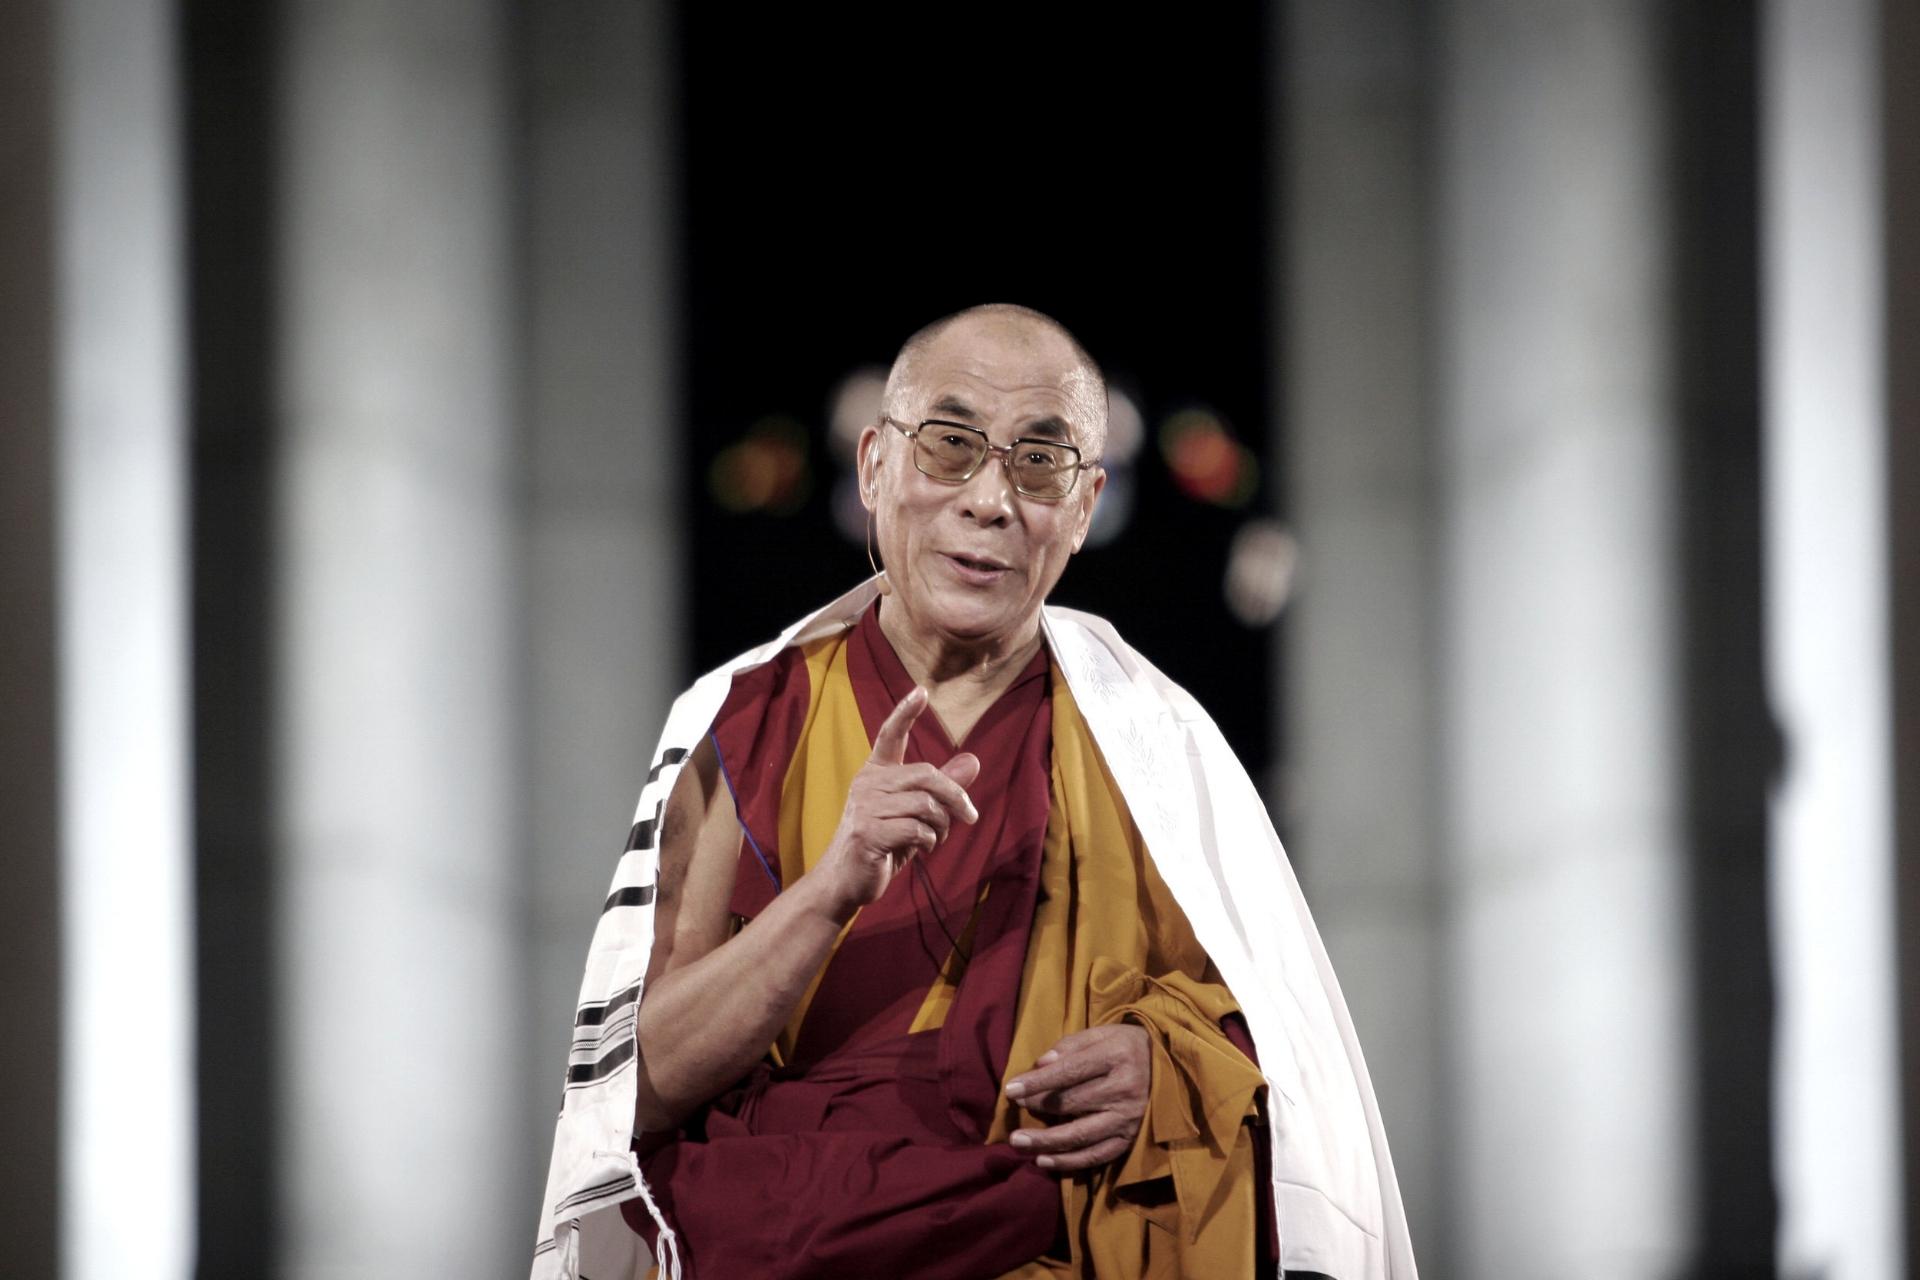 Dalai Lama, religious figure and activist